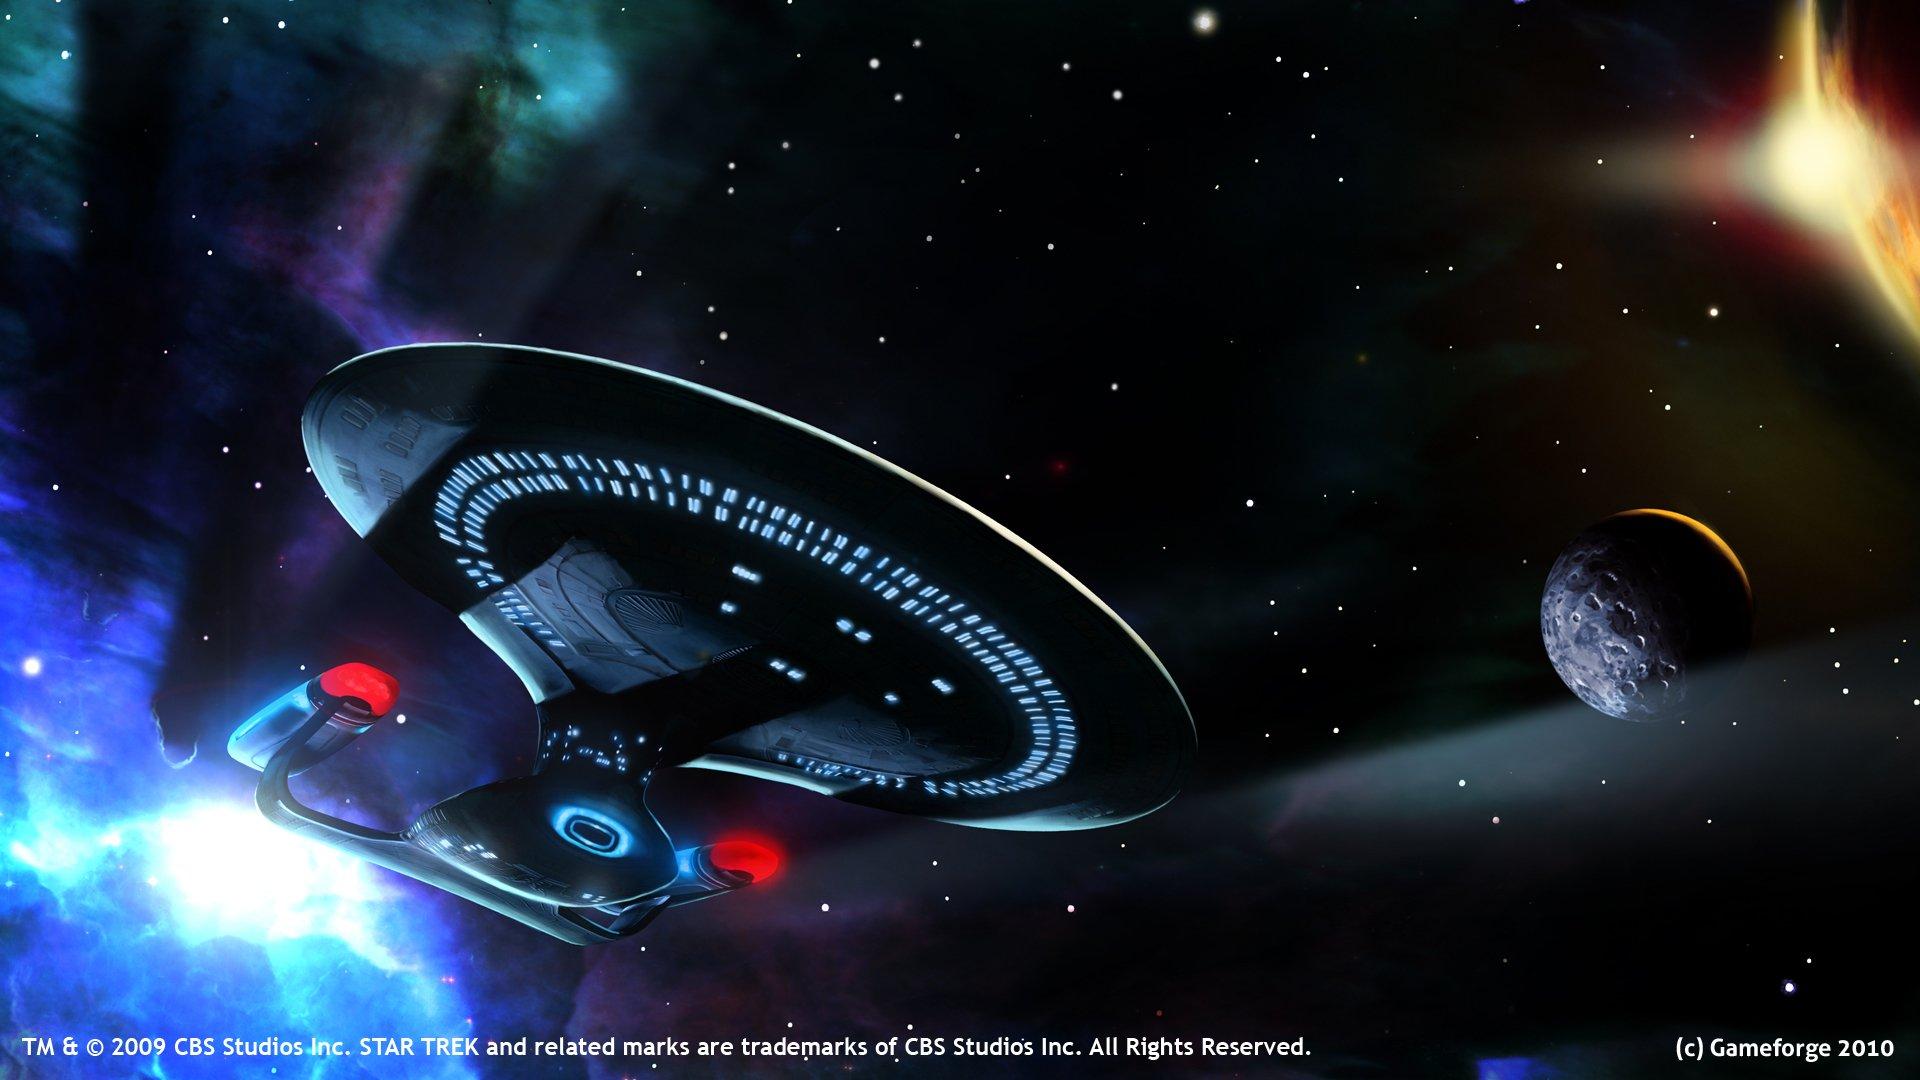 3d Anaglyph Wallpaper Desktop Star Trek Uss Enterprise Wallpaper 1920x1080 345937